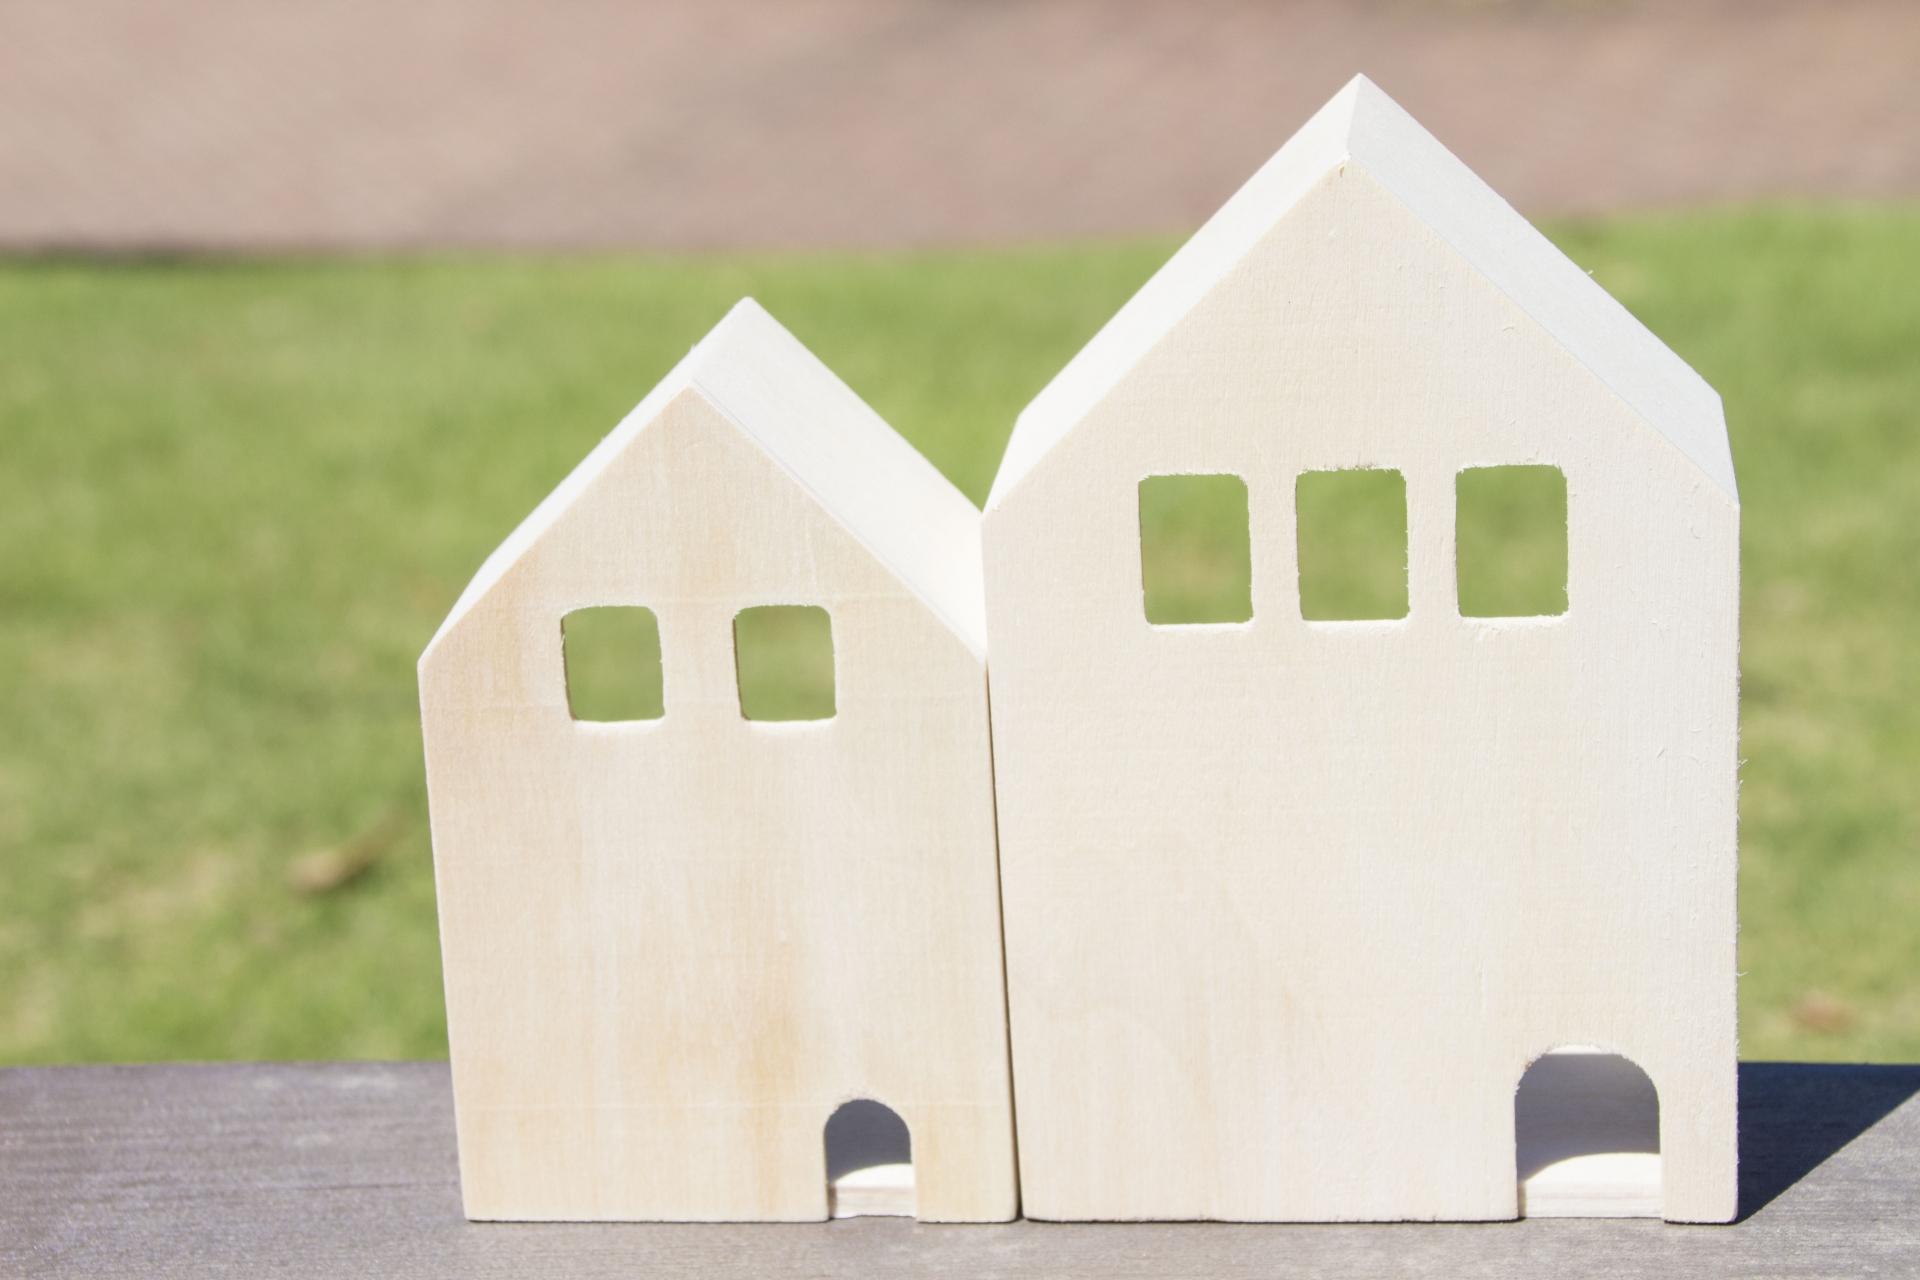 二世帯住宅の間取り図の例:建築家とこだわりの工務店で建てるとおしゃれで機能性も高い注文住宅が建てられる